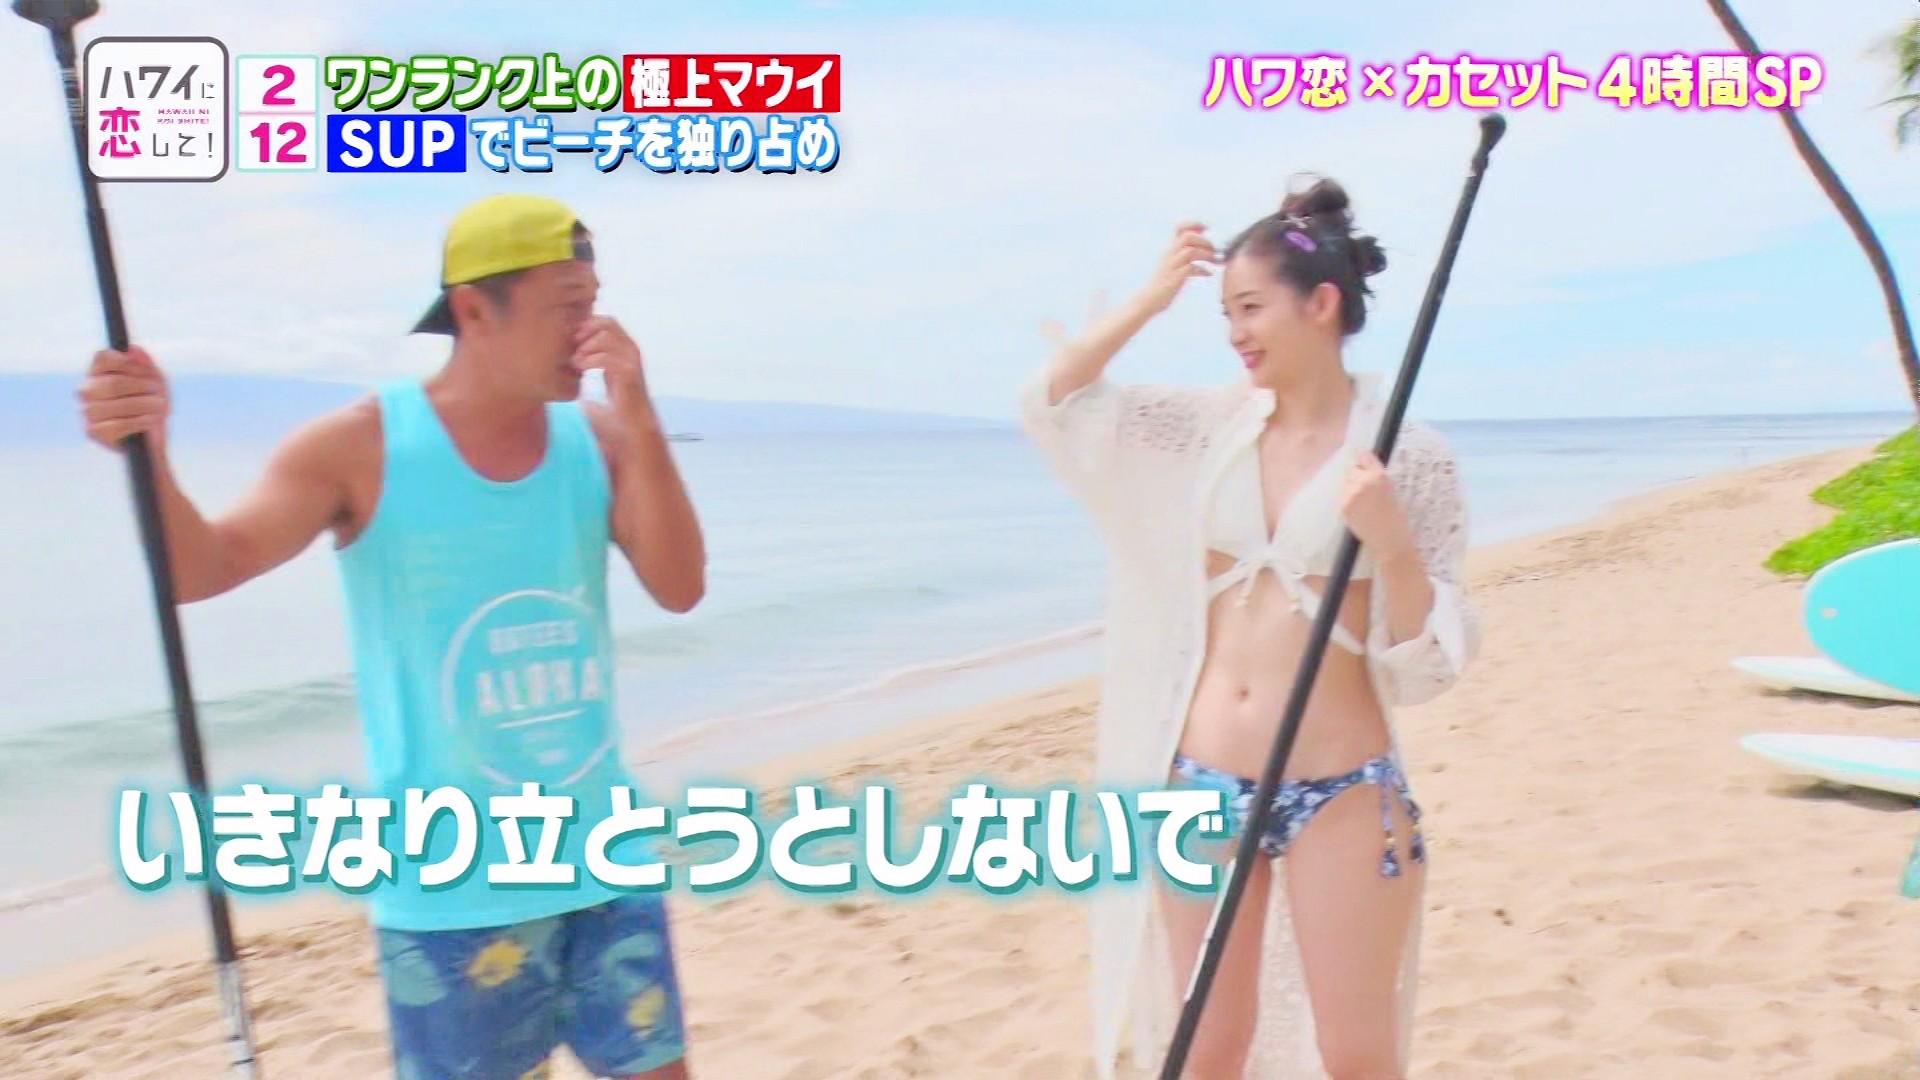 ハワイに恋してSP・足立梨花さんとサーシャさんのテレビキャプチャー画像-020